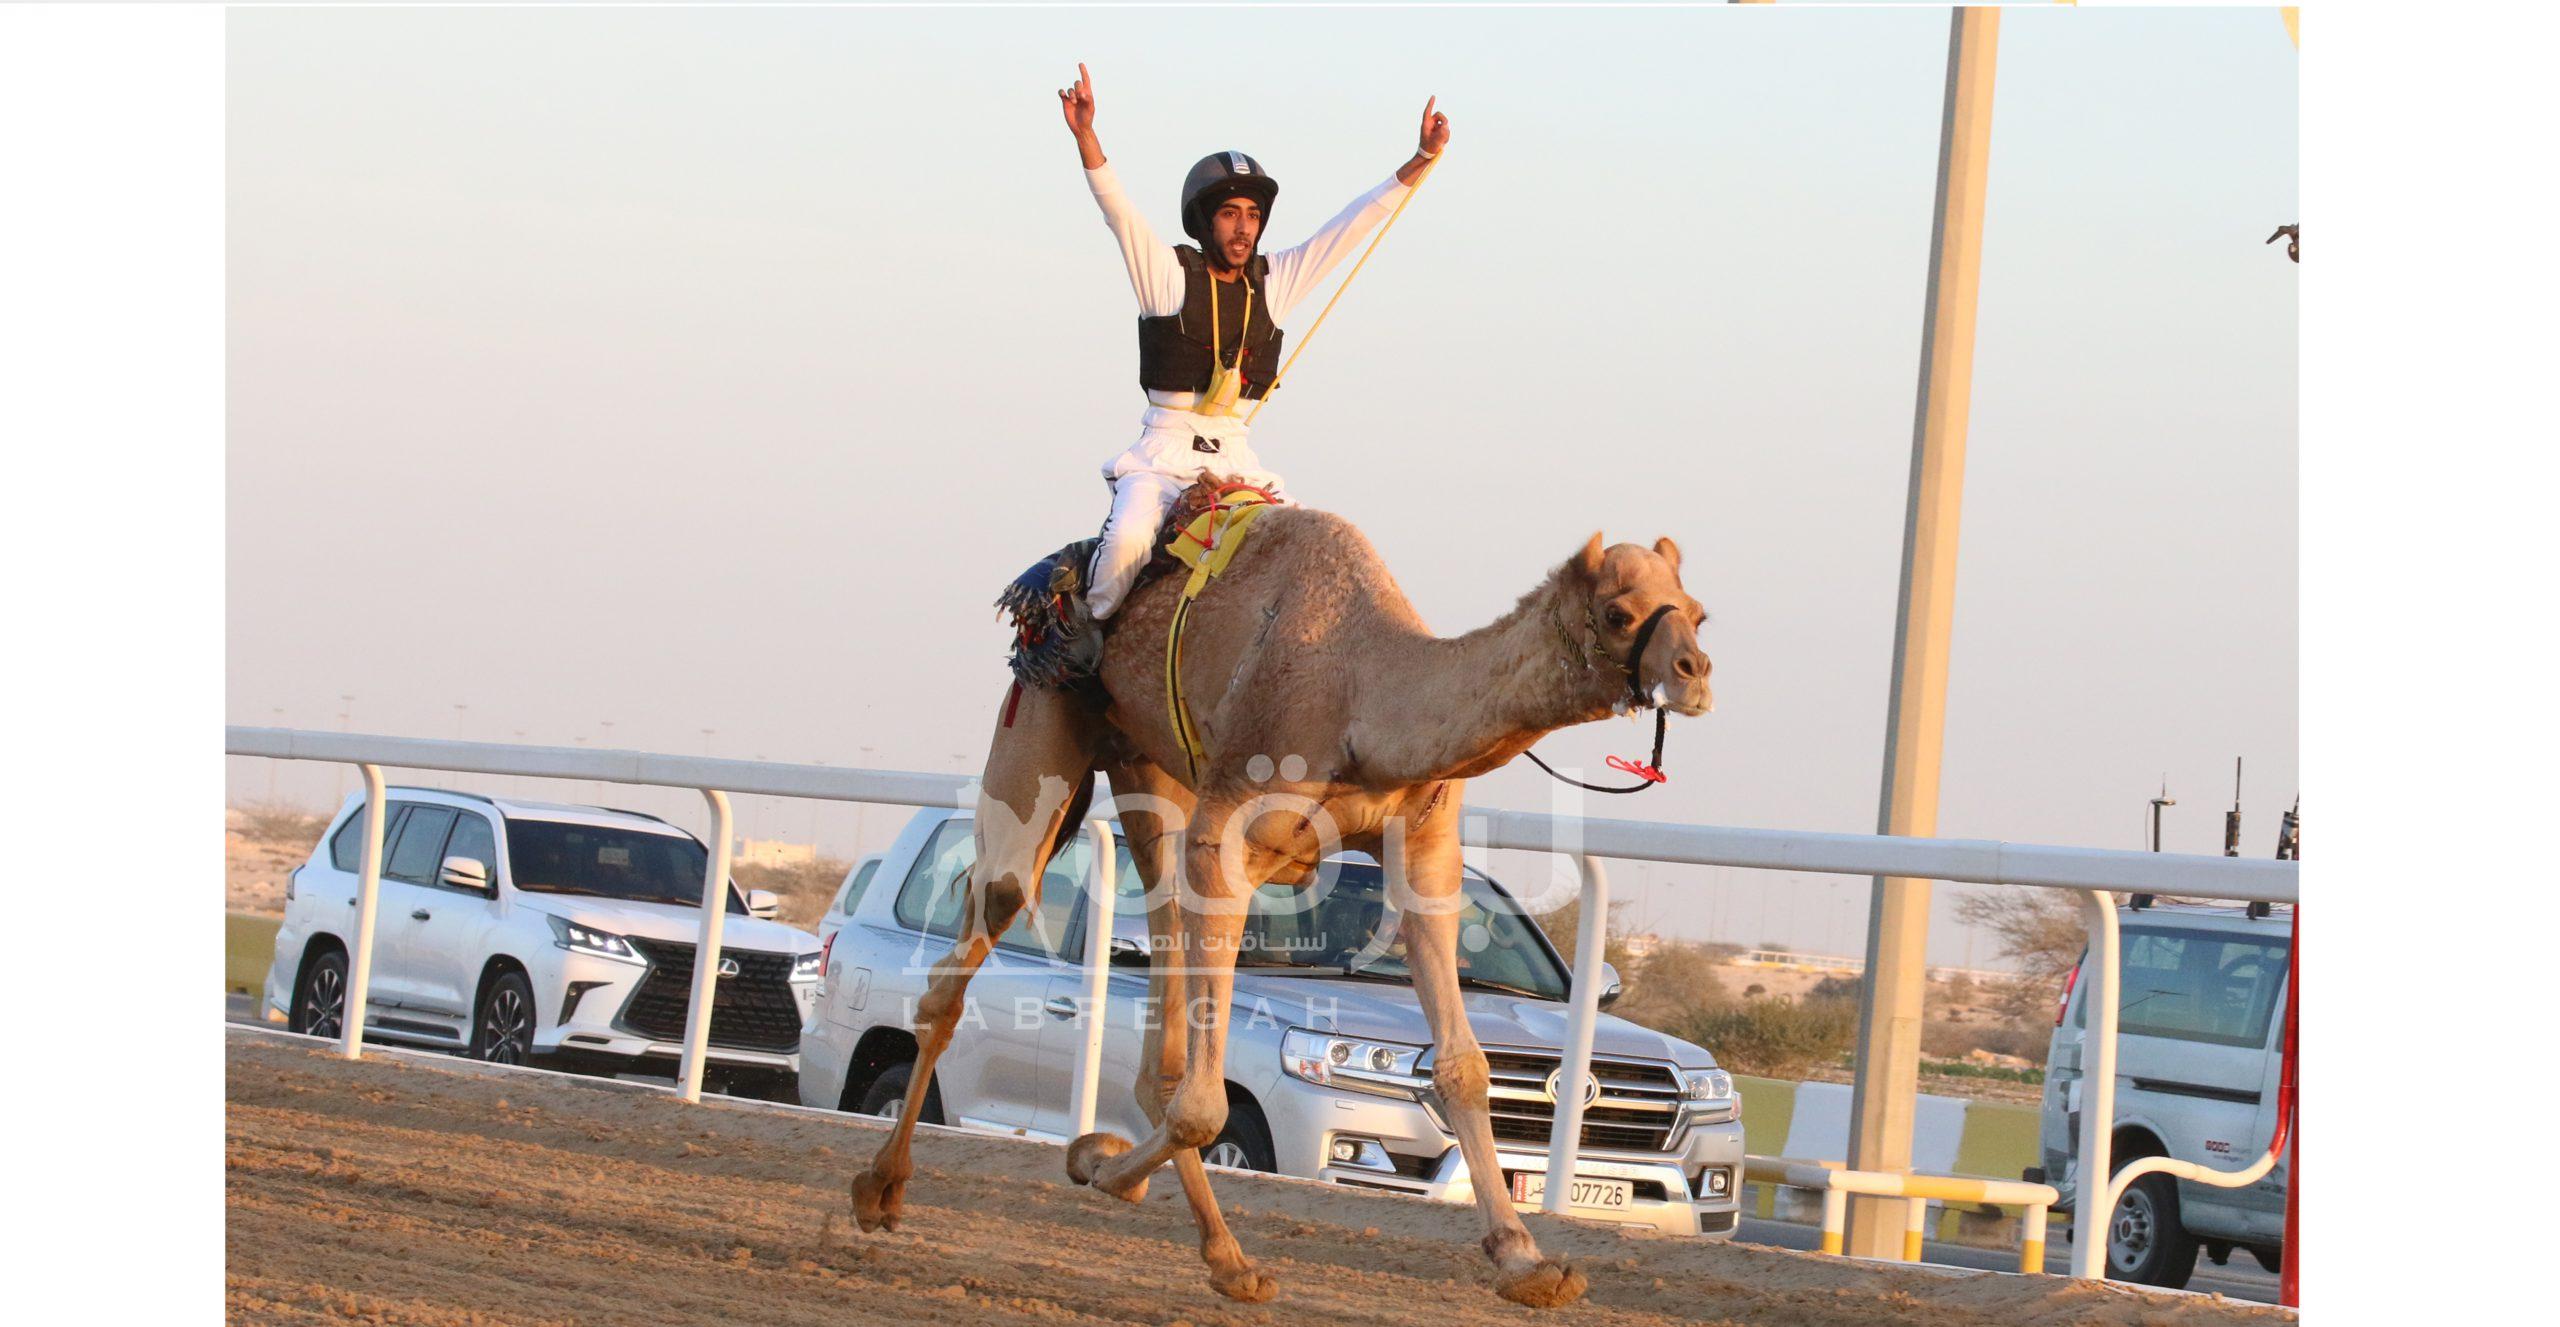 السنيد والصعاق والزعبي أبطال السباق التراثي بمهرجان الأمير الوالد